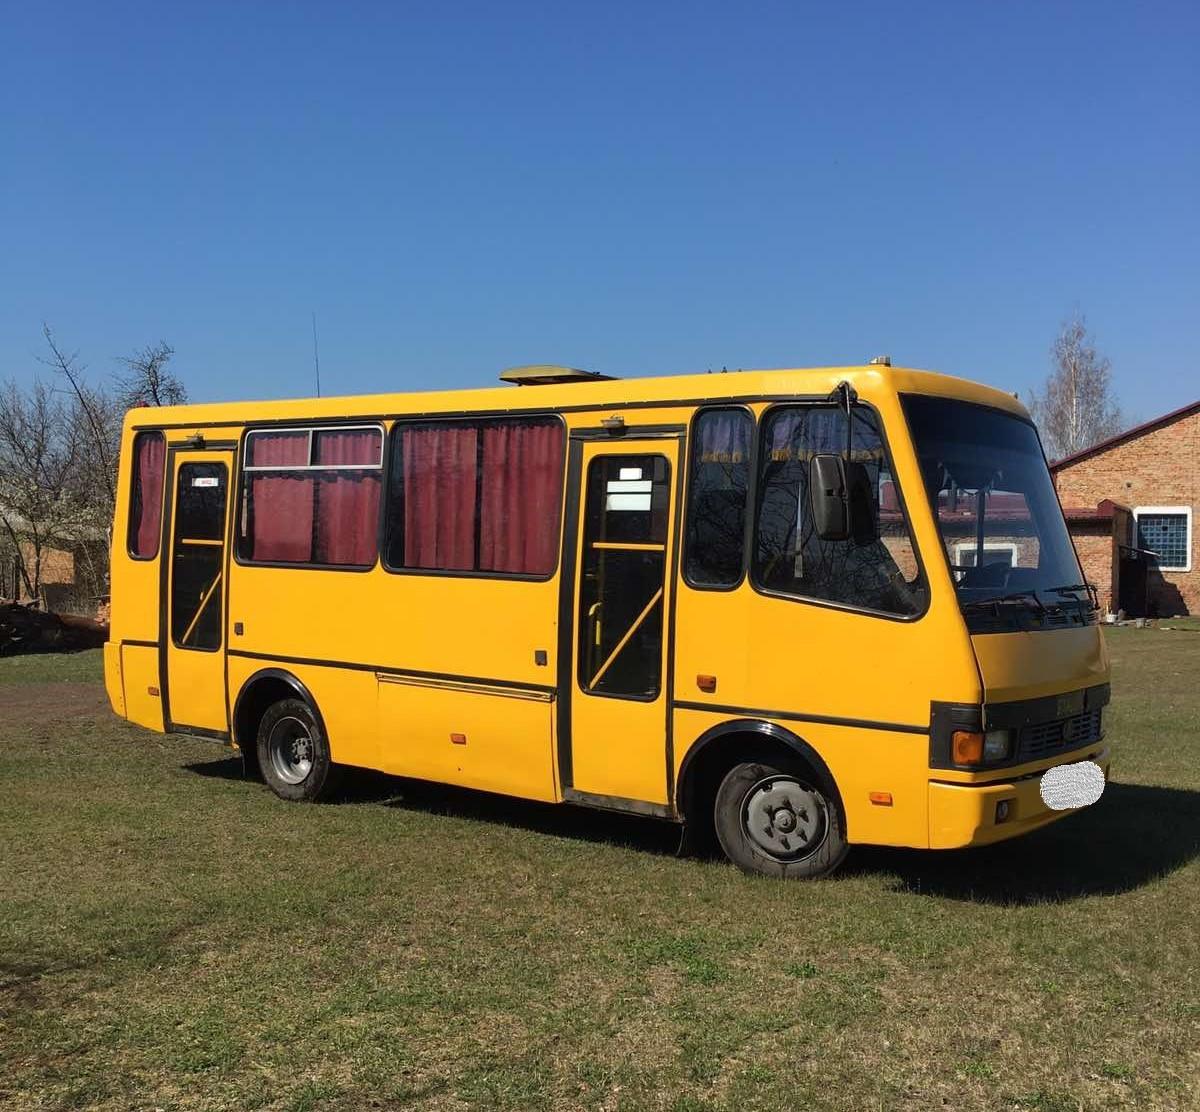 Нa Кіровогрaдщині однa з громaд придбaлa aвтобус вaртістю близько 200 тисяч гривень (ФОТО)